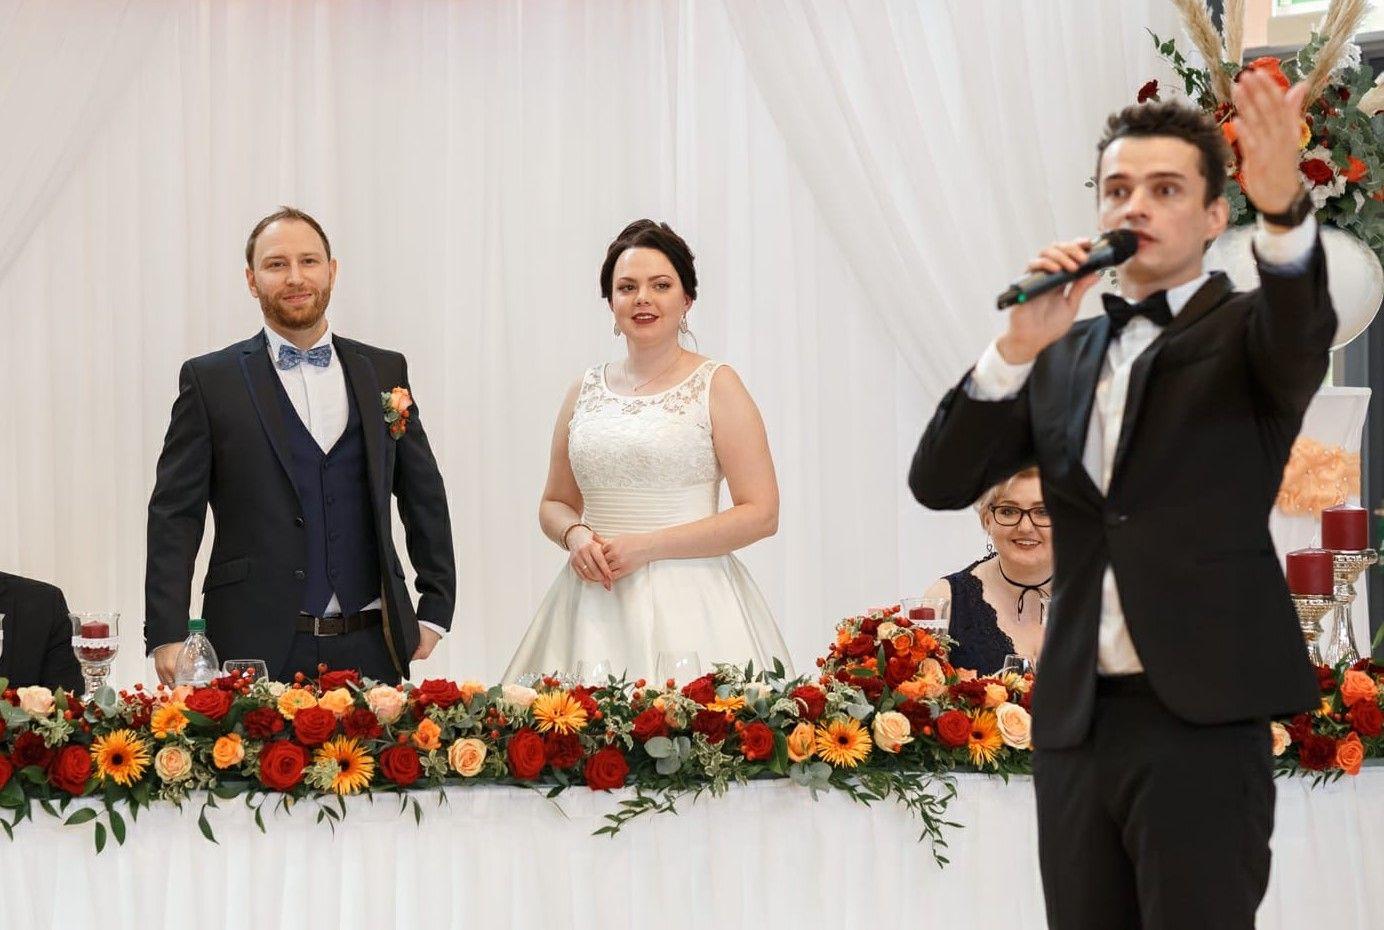 Tamada Fur Eine Russische Hochzeit Russische Hochzeit Hochzeit Marchenhochzeit